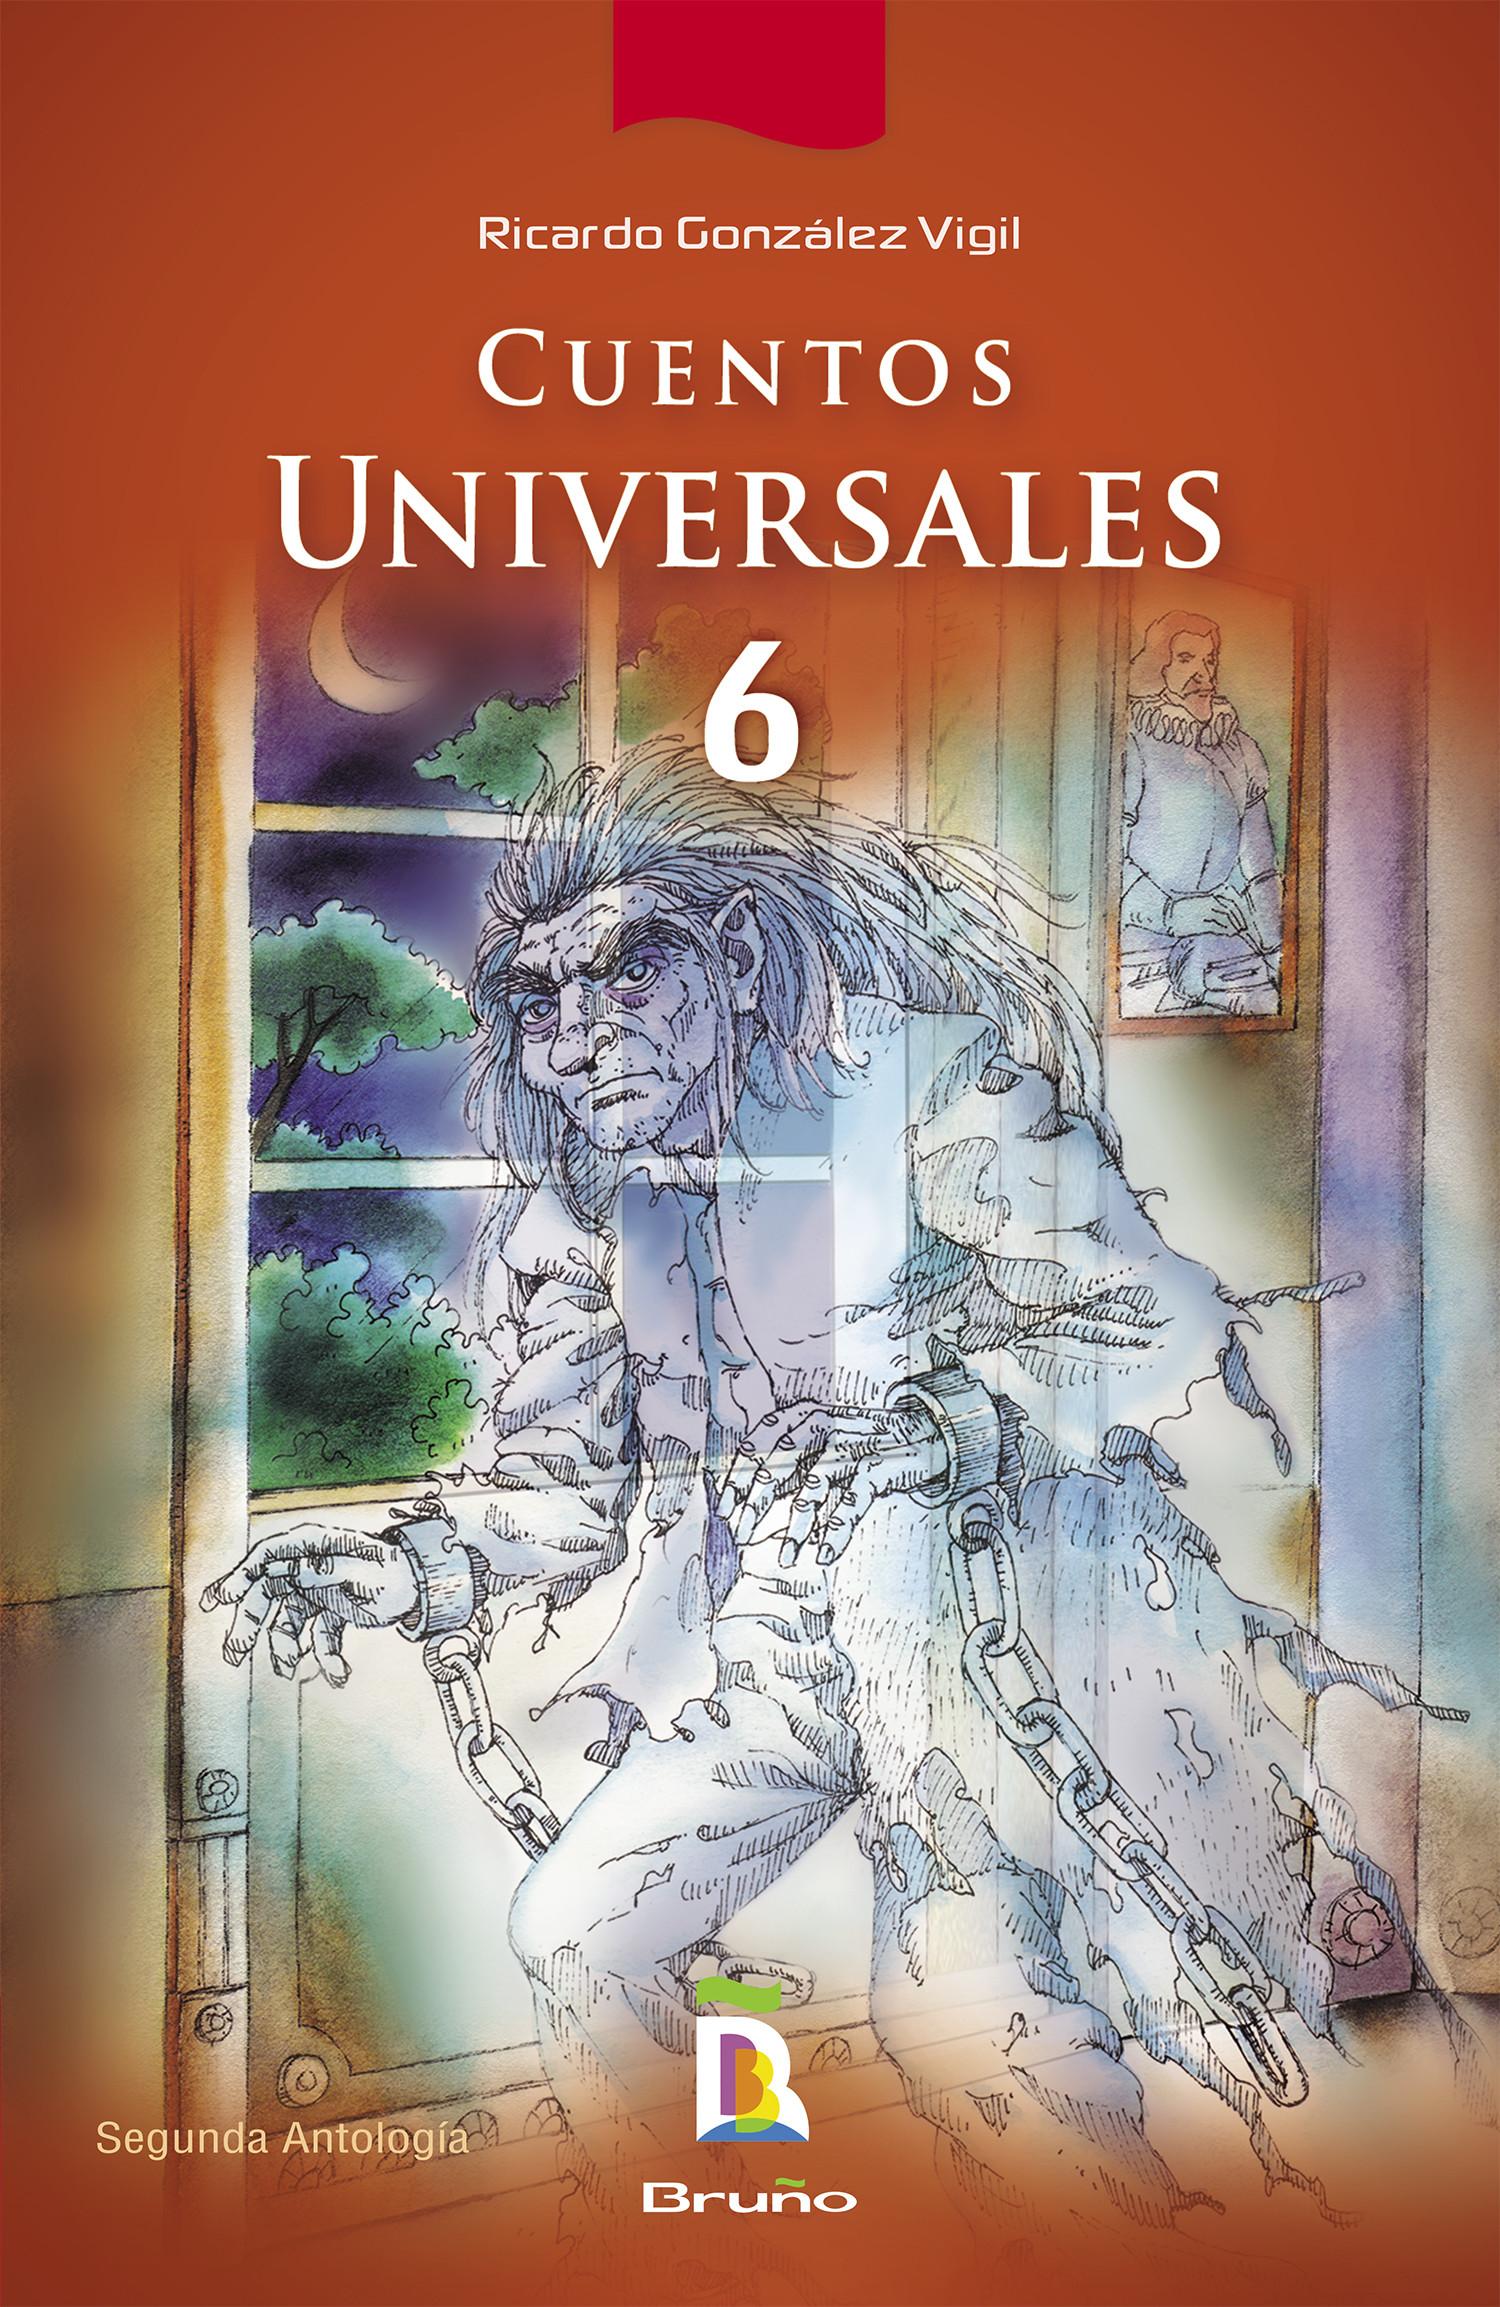 Cuentos universales 6